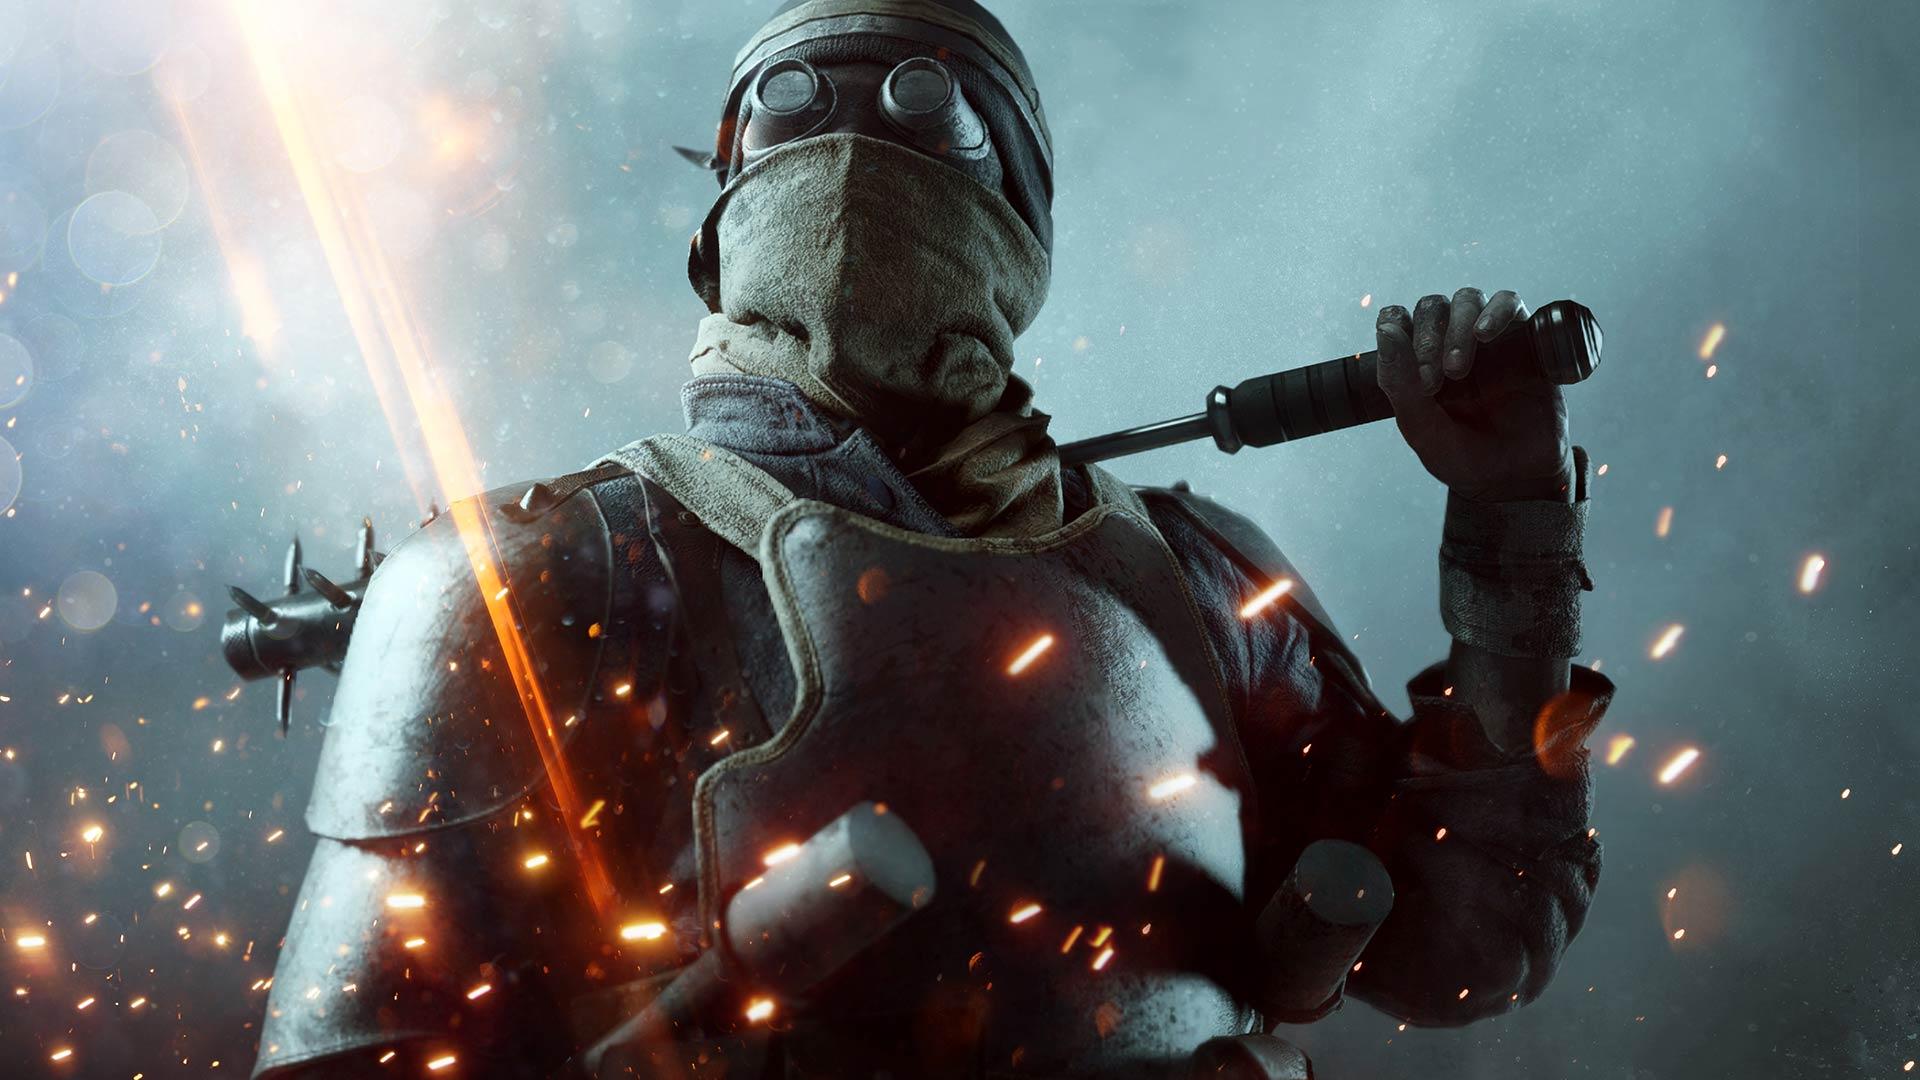 https://media-www-battlefieldwebcore.spark.ea.com/content/battlefield-portal/fr_FR/games/battlefield-1/they-shall-not-pass/_jcr_content/par/section_2/columns/column/content/editorial_2/image/medium.img.jpg